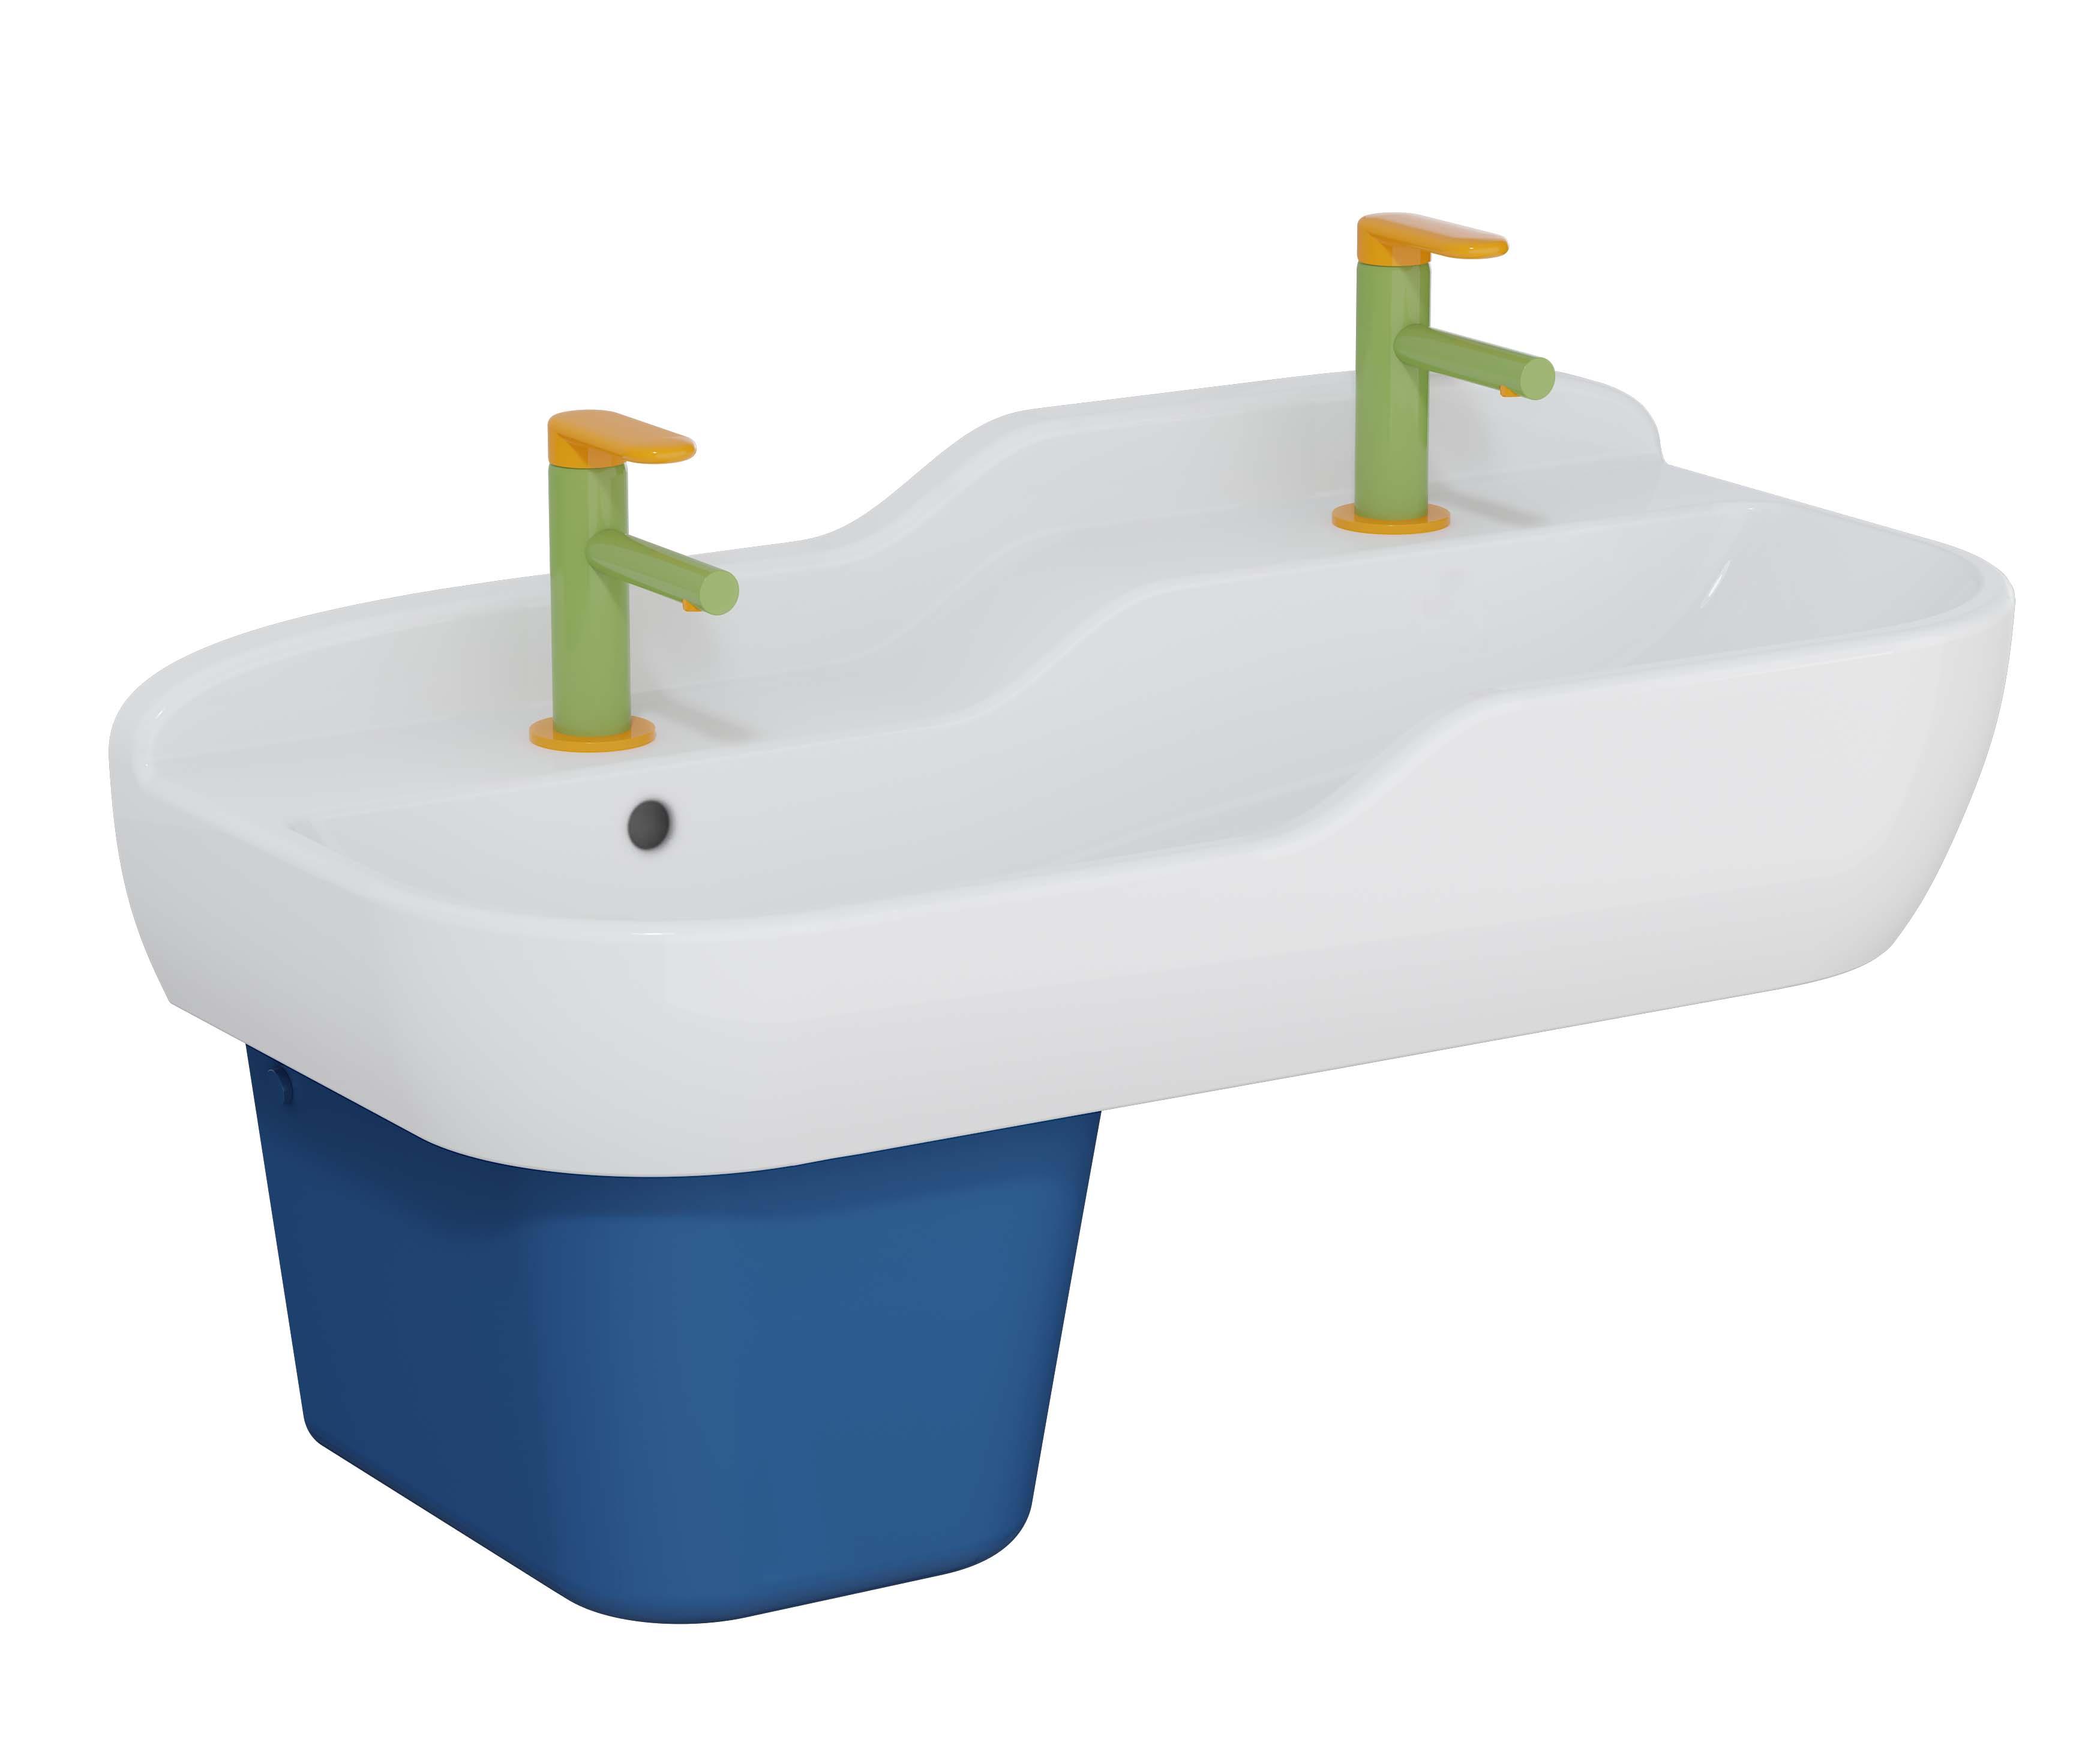 Sento Kids lavabo double, 85 cm, 2 hauteurs, avec trop-plein, blanc